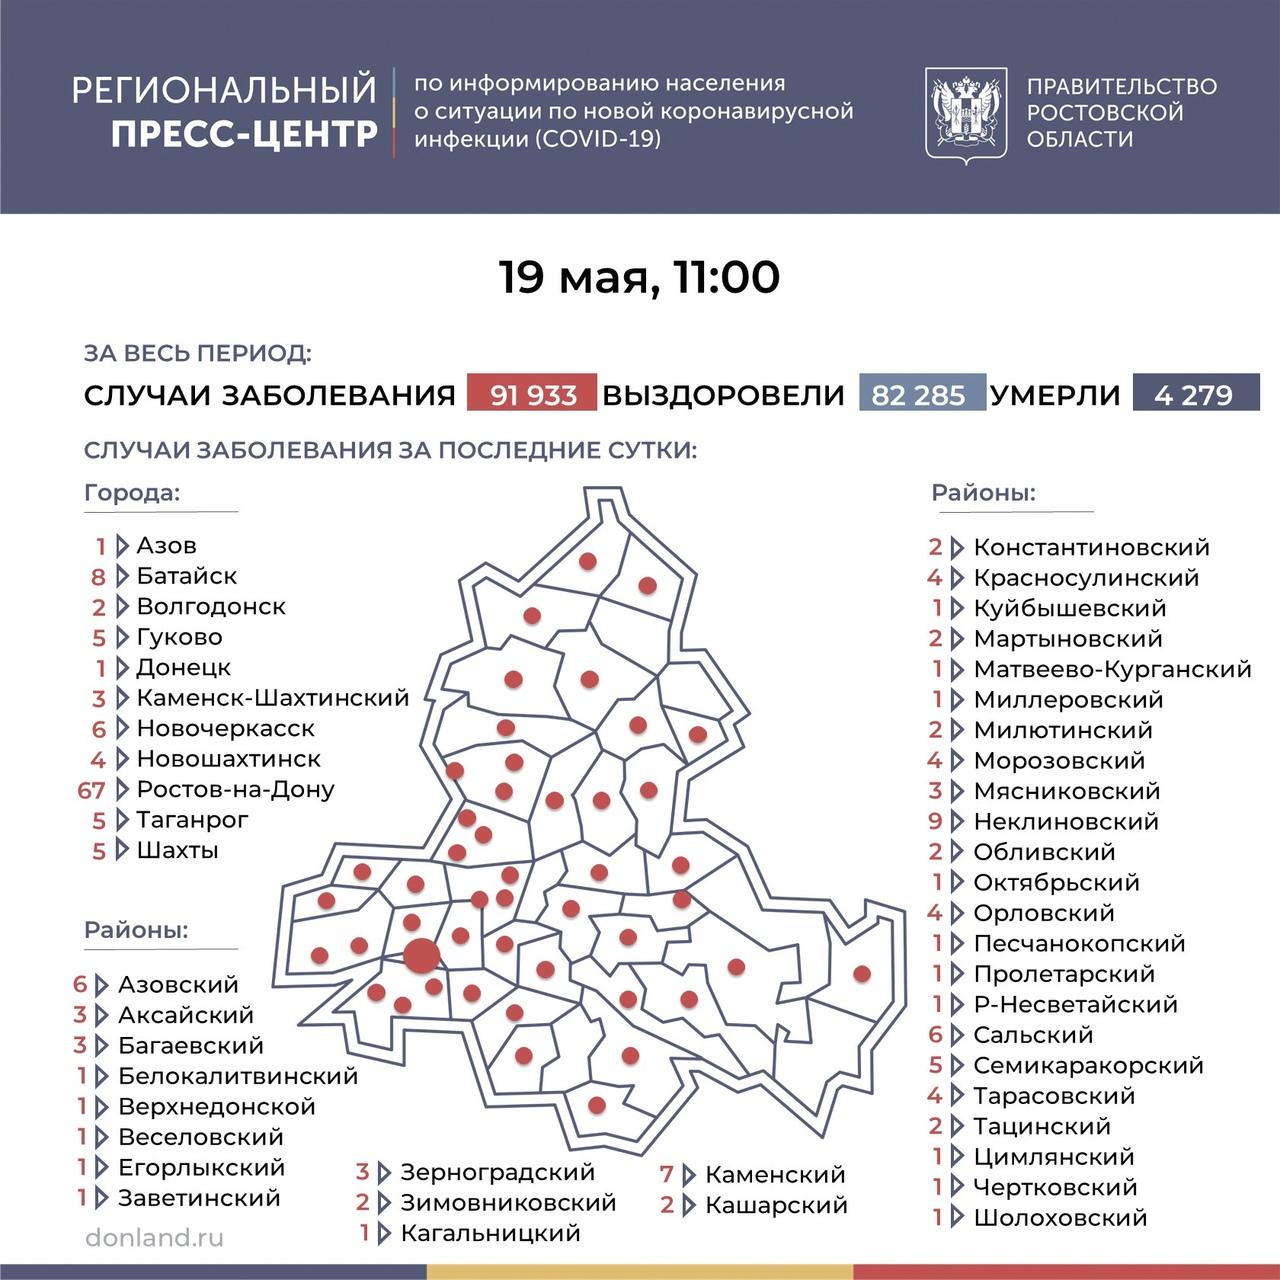 На Дону число инфицированных COVID-19 составляет 198, в Таганроге 5 новых случаев